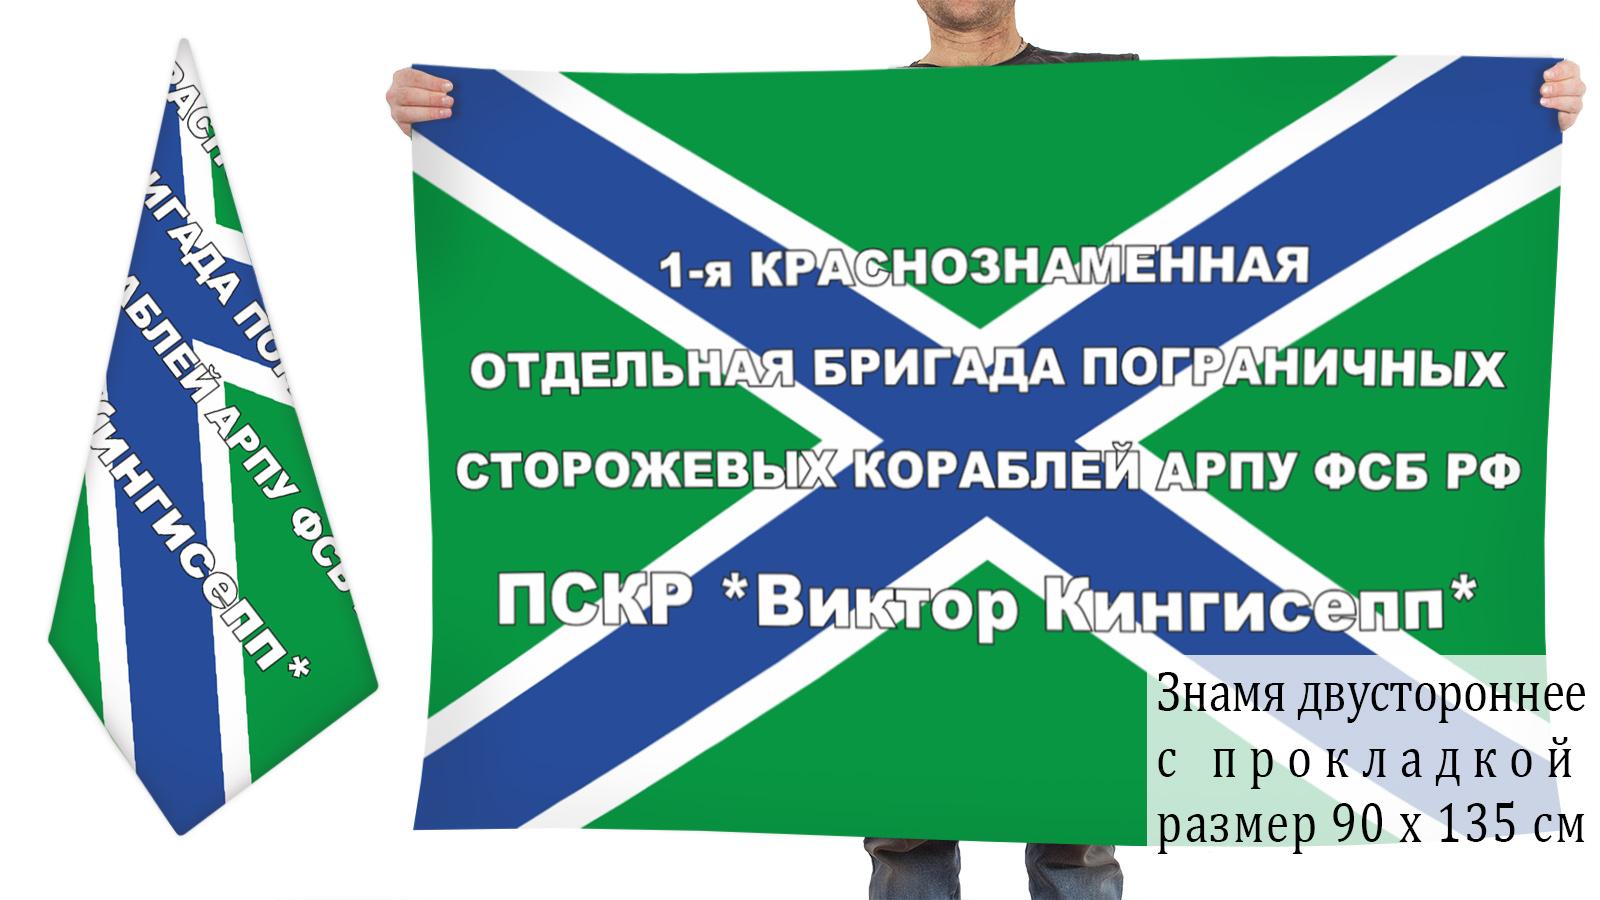 Большой флаг 1-я Краснознаменная Отдельная бригада ПСКР АРПУ ФСБ РФ Виктор Кингисепп